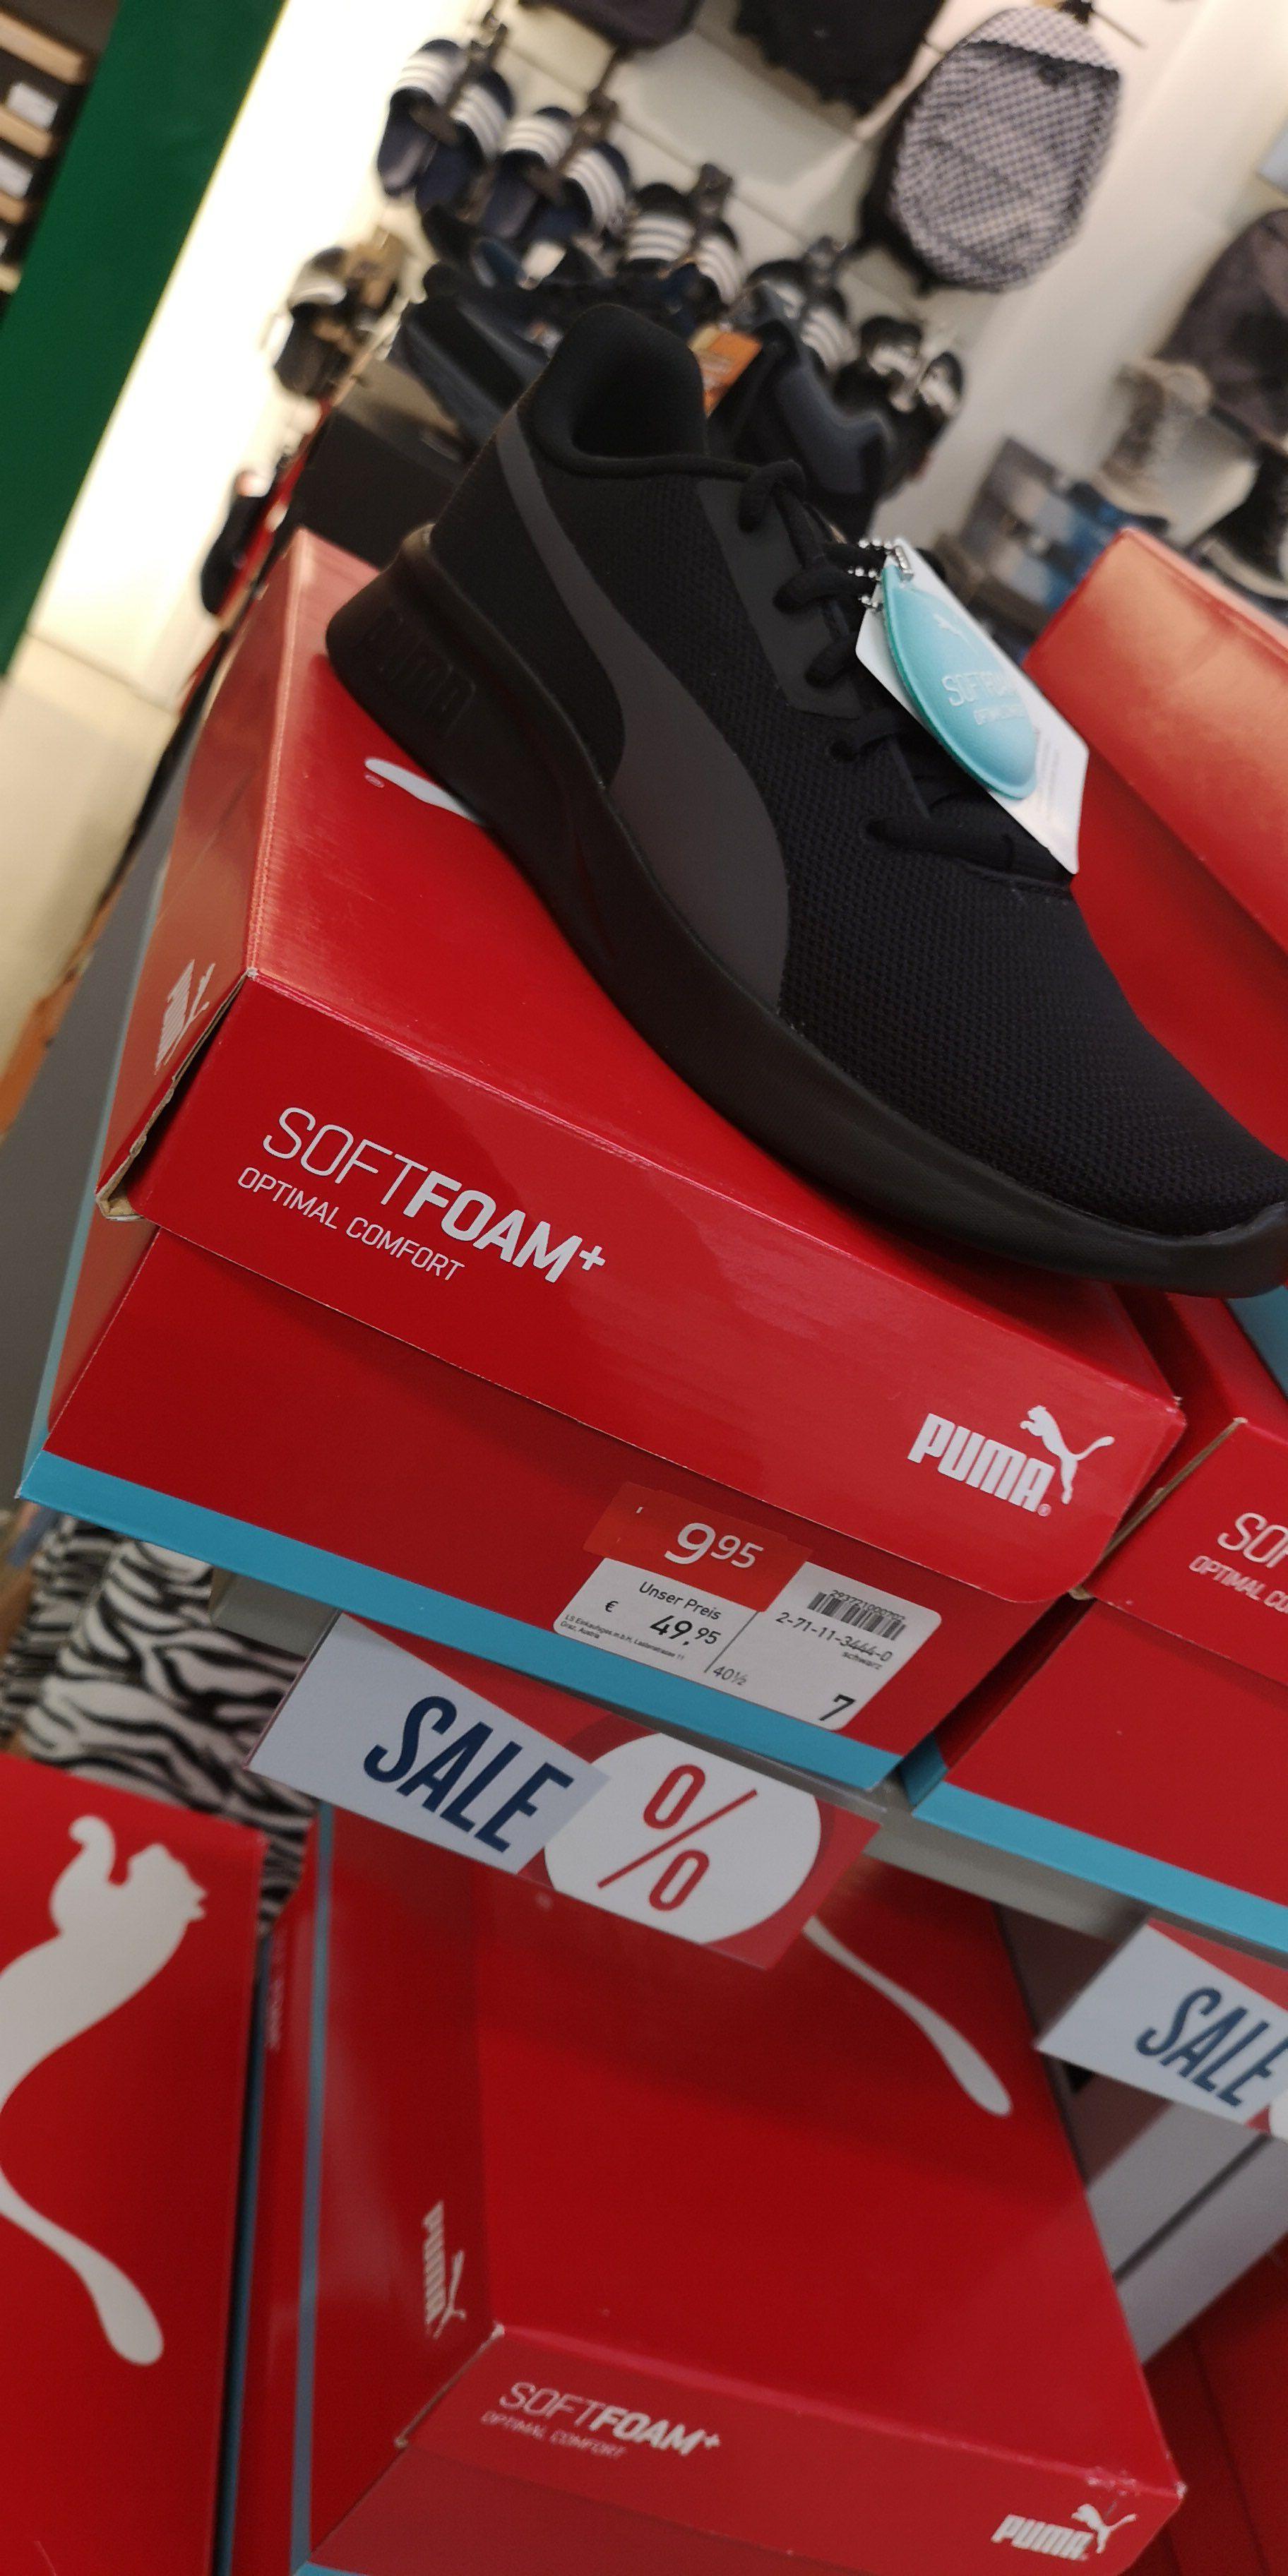 PUMA Sportschuhe shoe5you 7.05